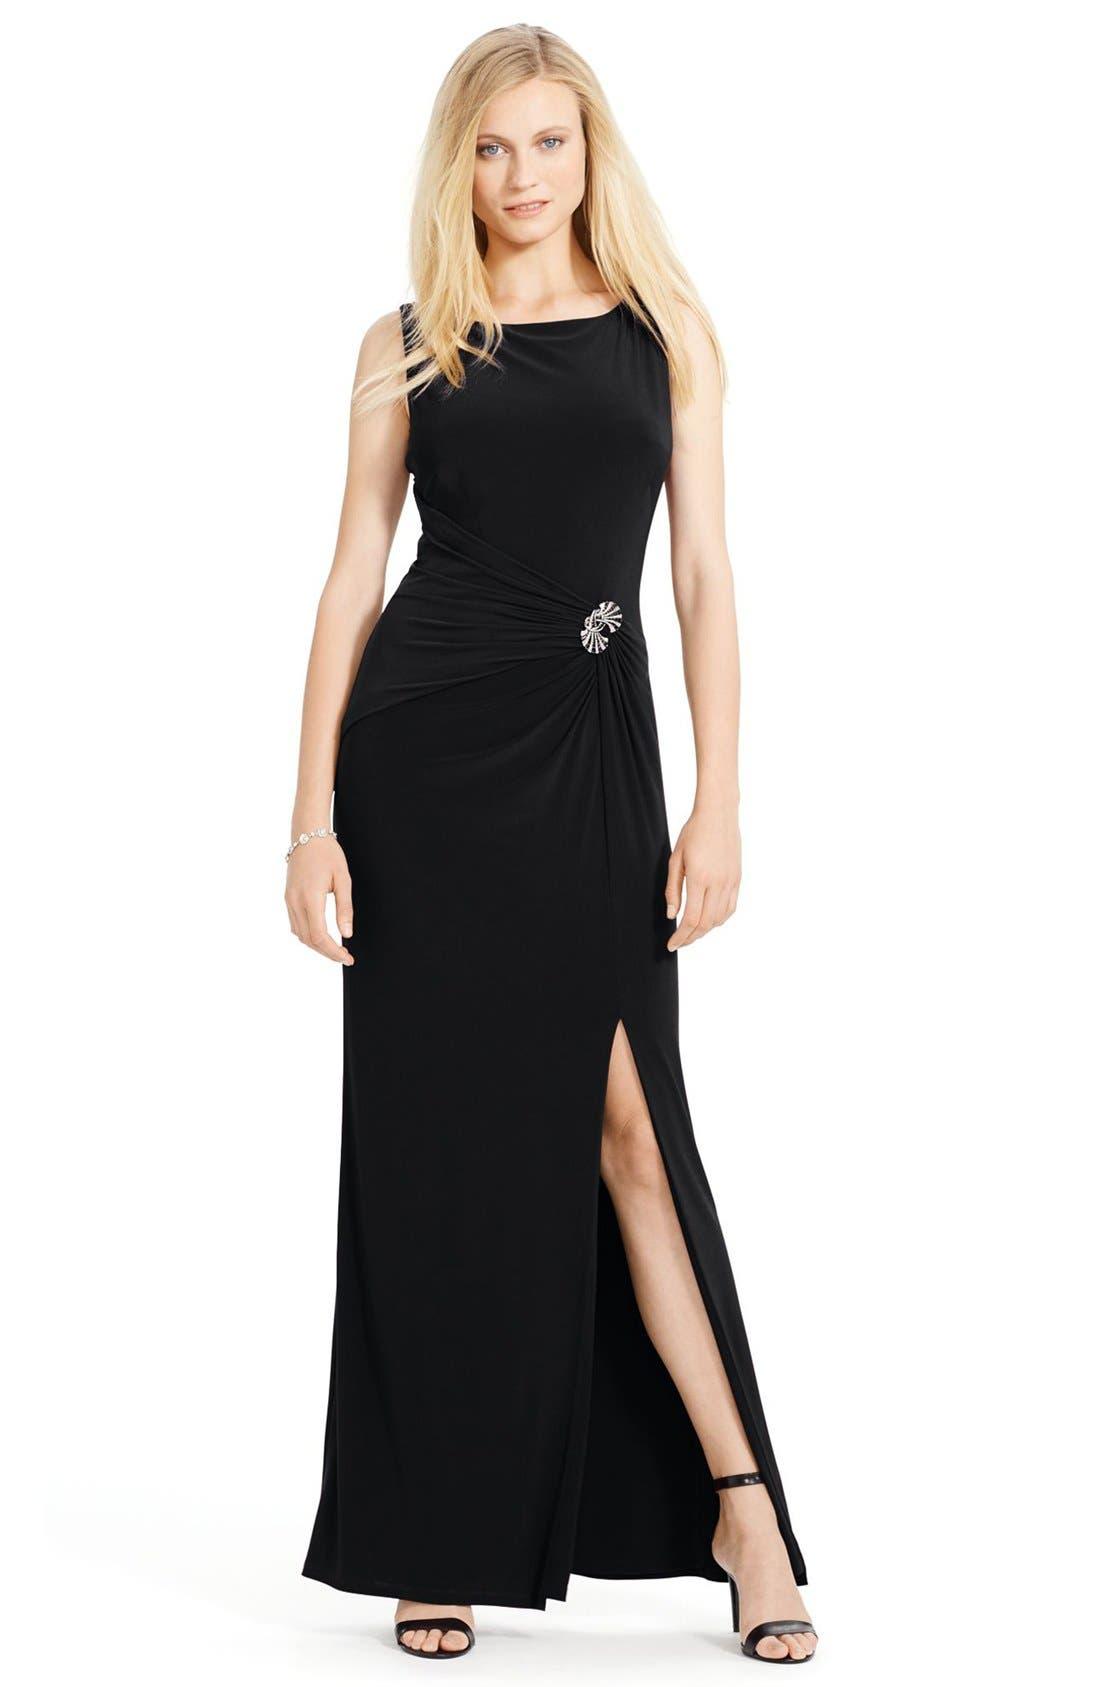 Alternate Image 1 Selected - Lauren Ralph Lauren Ruched Jersey Gown (Regular & Petite)